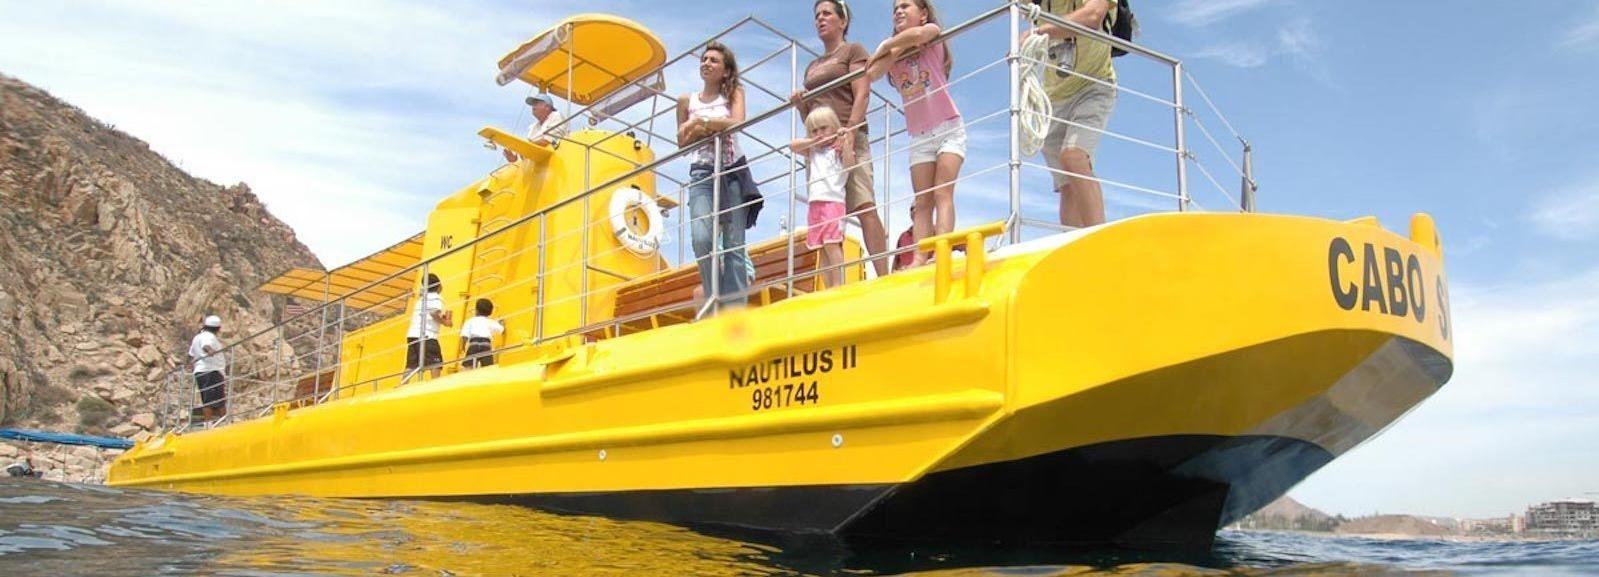 Aventura en submarino en Los Cabos